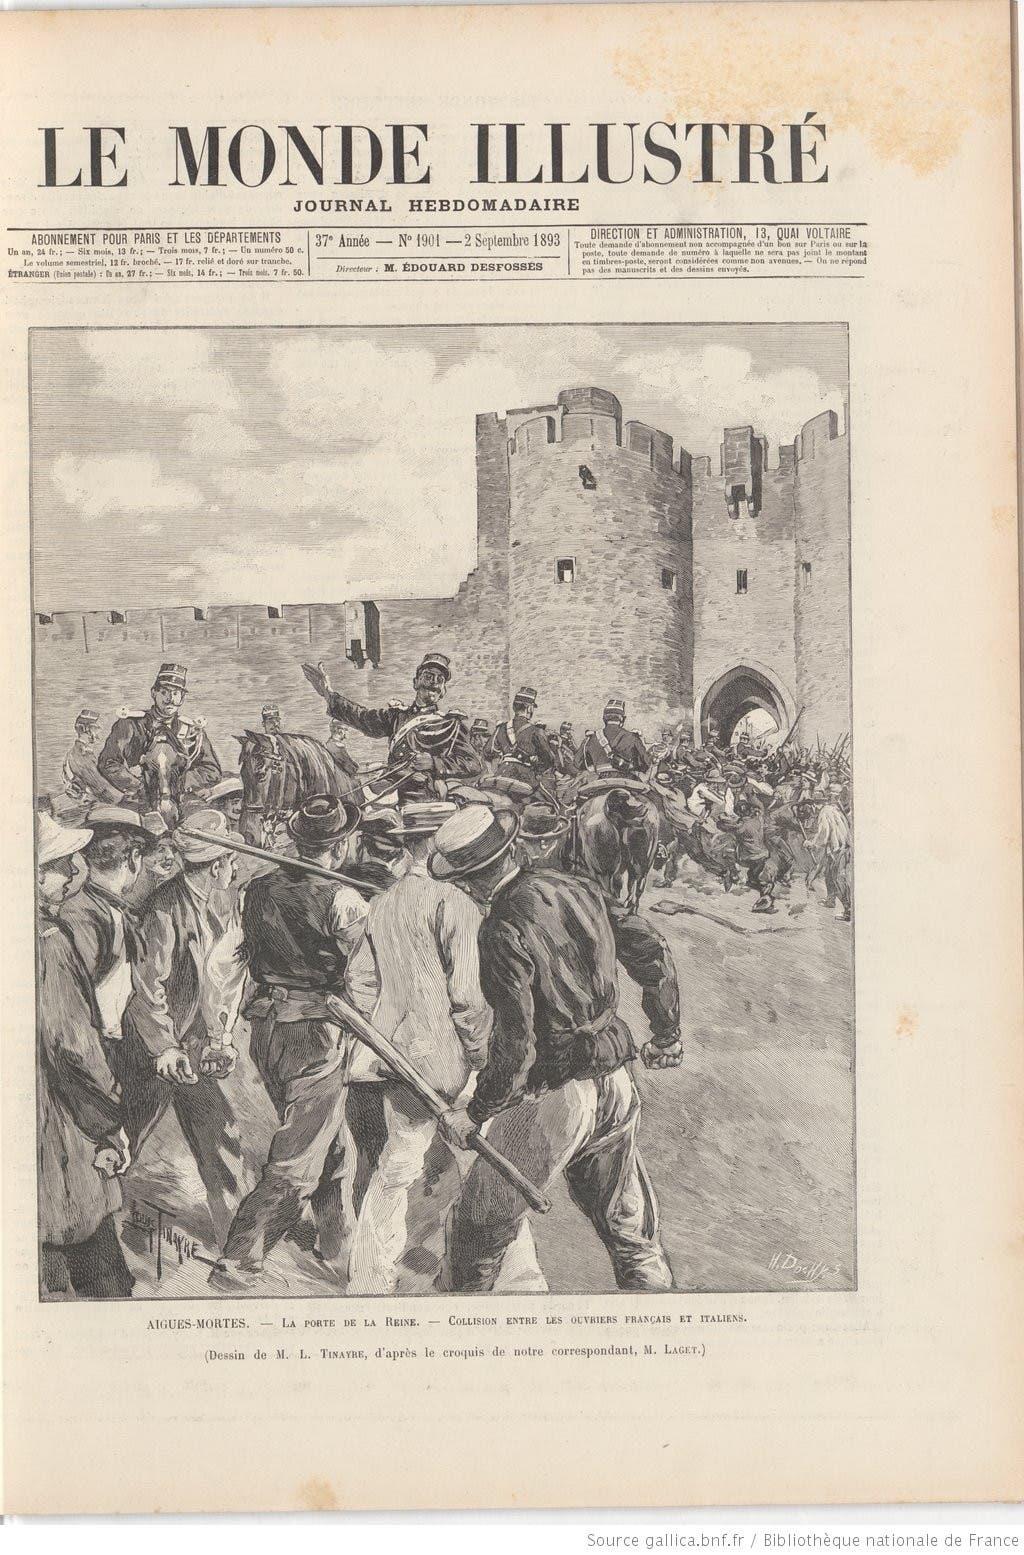 غلاف احدى المجلات الفرنسية التي نقلت واقعة مذبحة العمال الإيطاليين